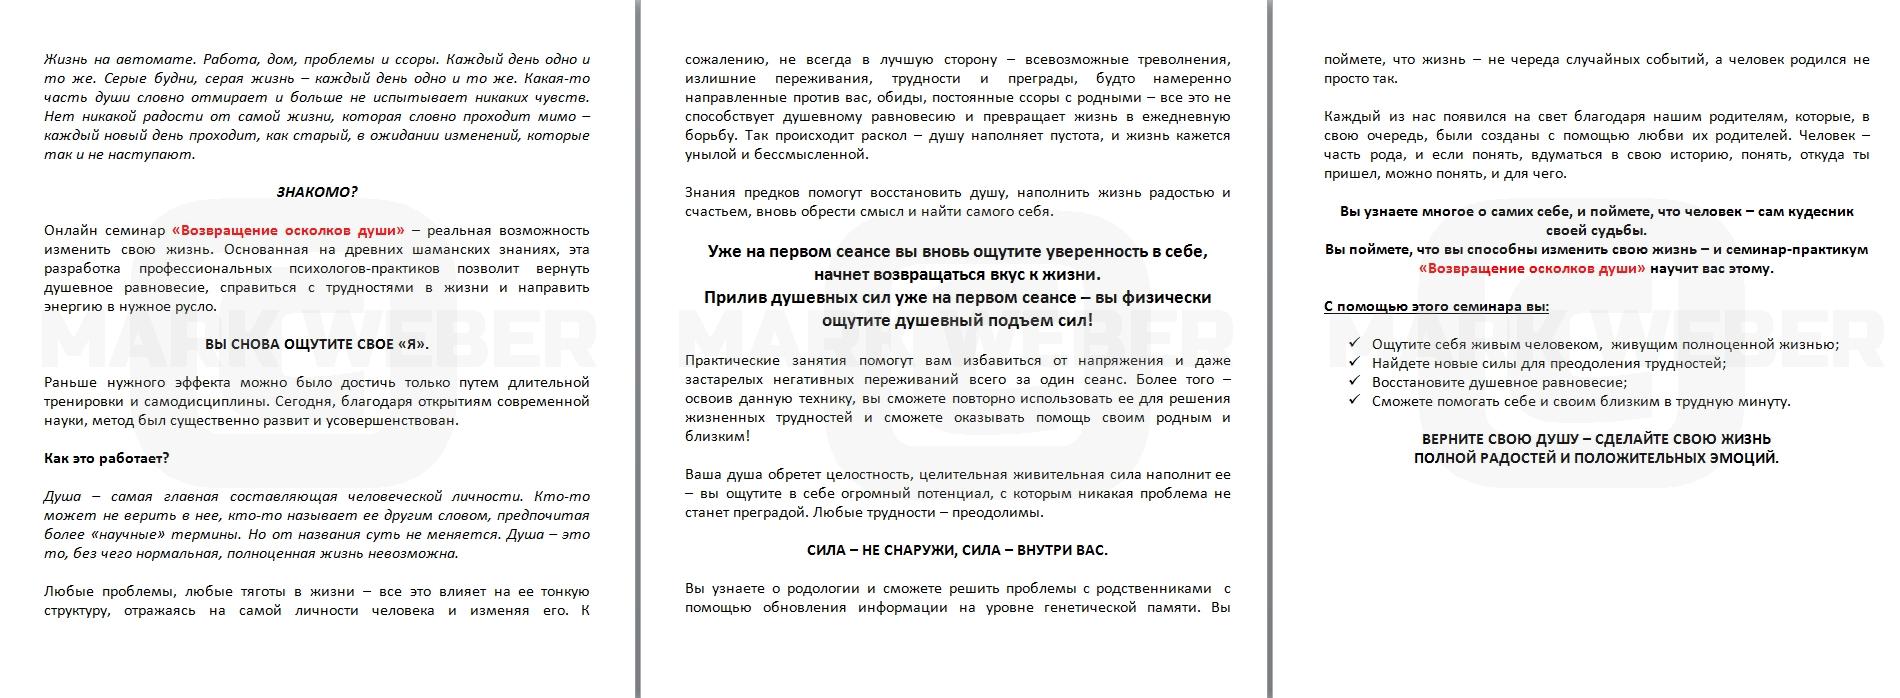 Приглашение для участия в семинаре